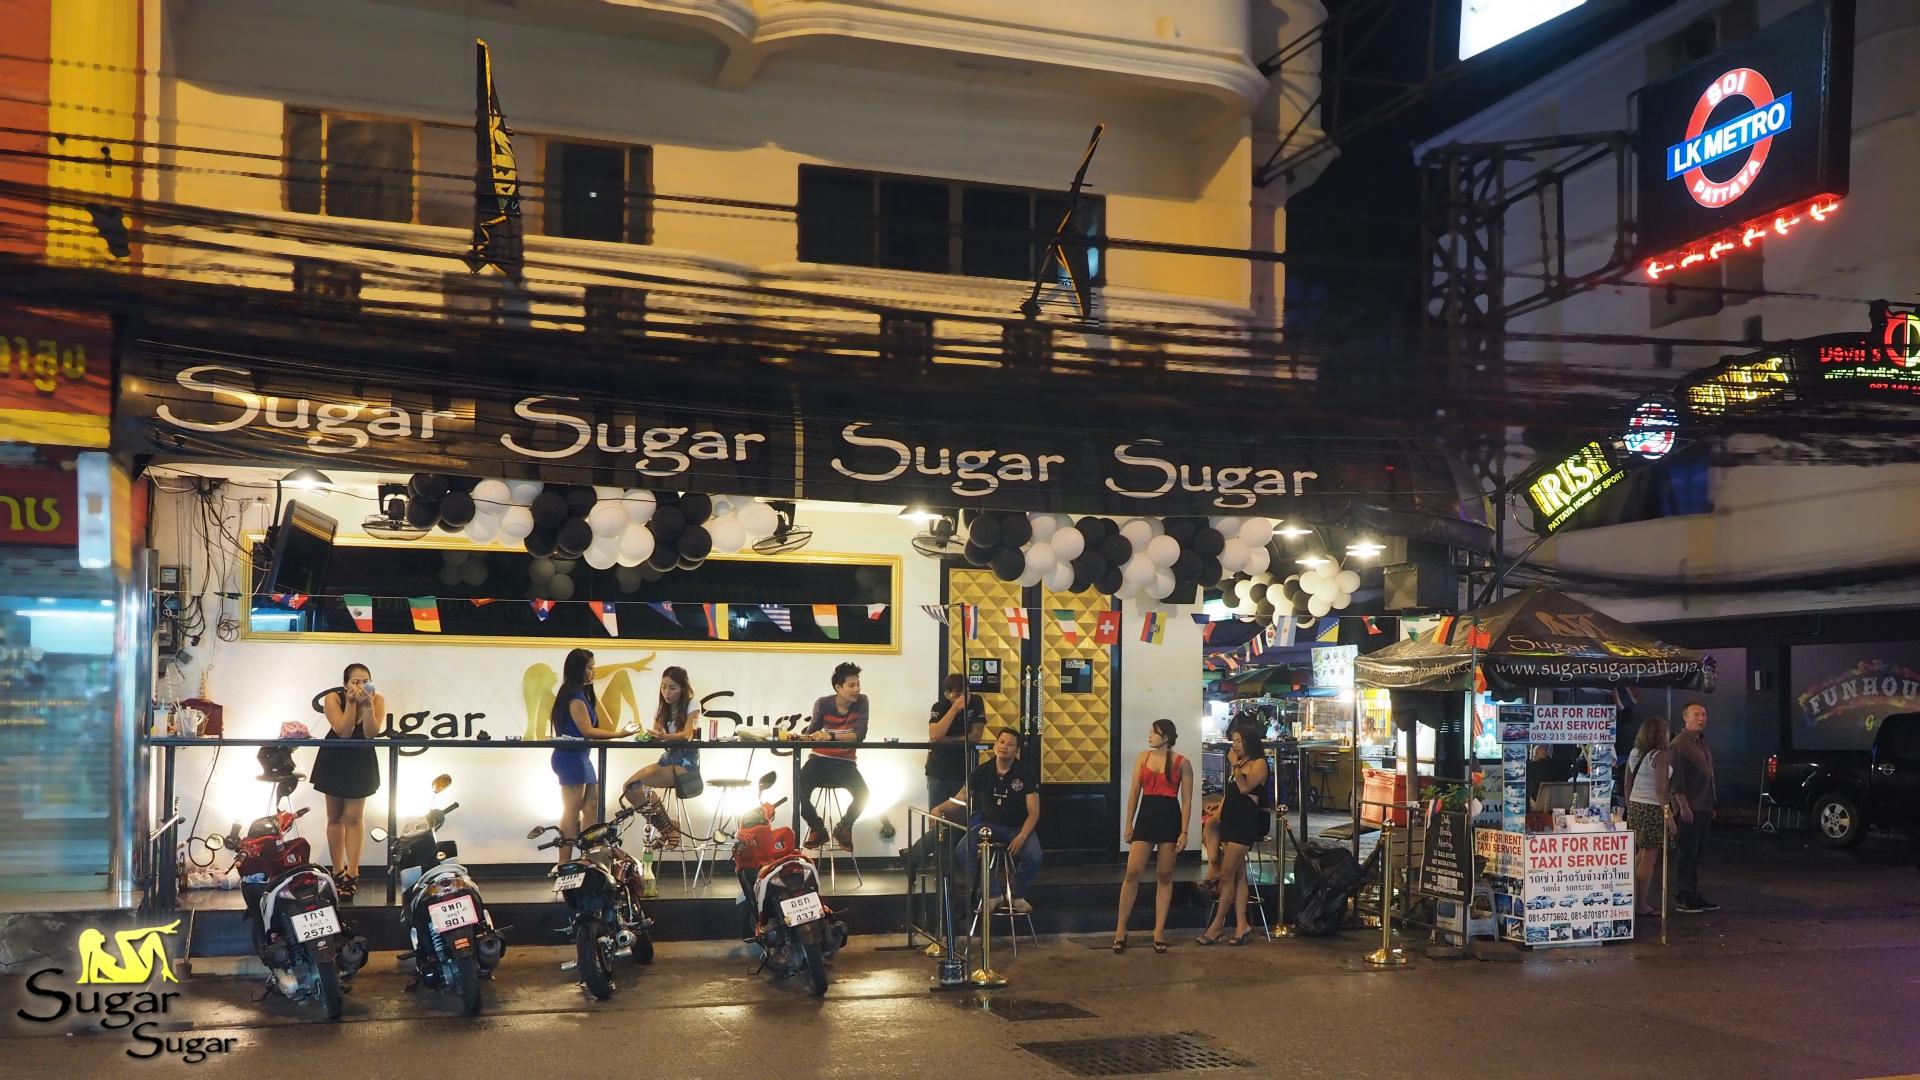 Www sugar sugar com